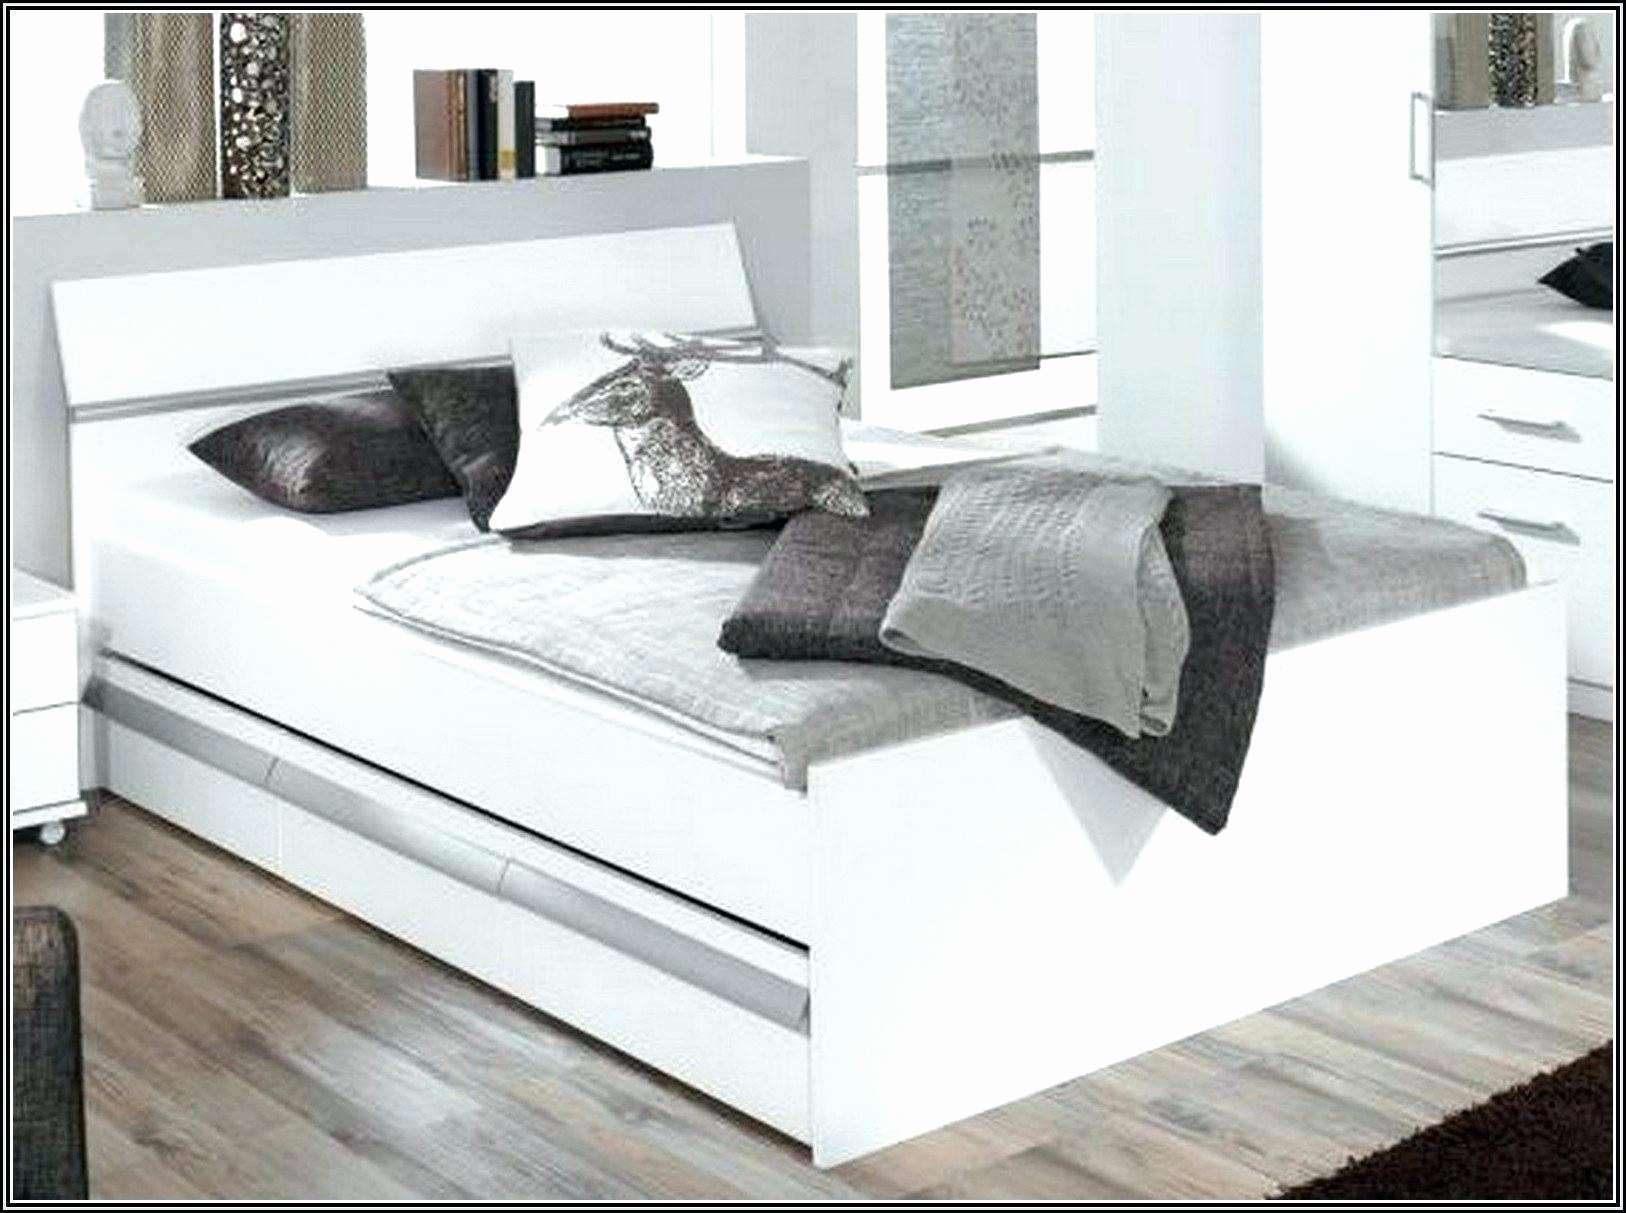 Lit Ikea 160×200 Nouveau 23 160 Cm Bett Stunning Cadre De Lit Ikea Malm Ikea Lit Malm 160